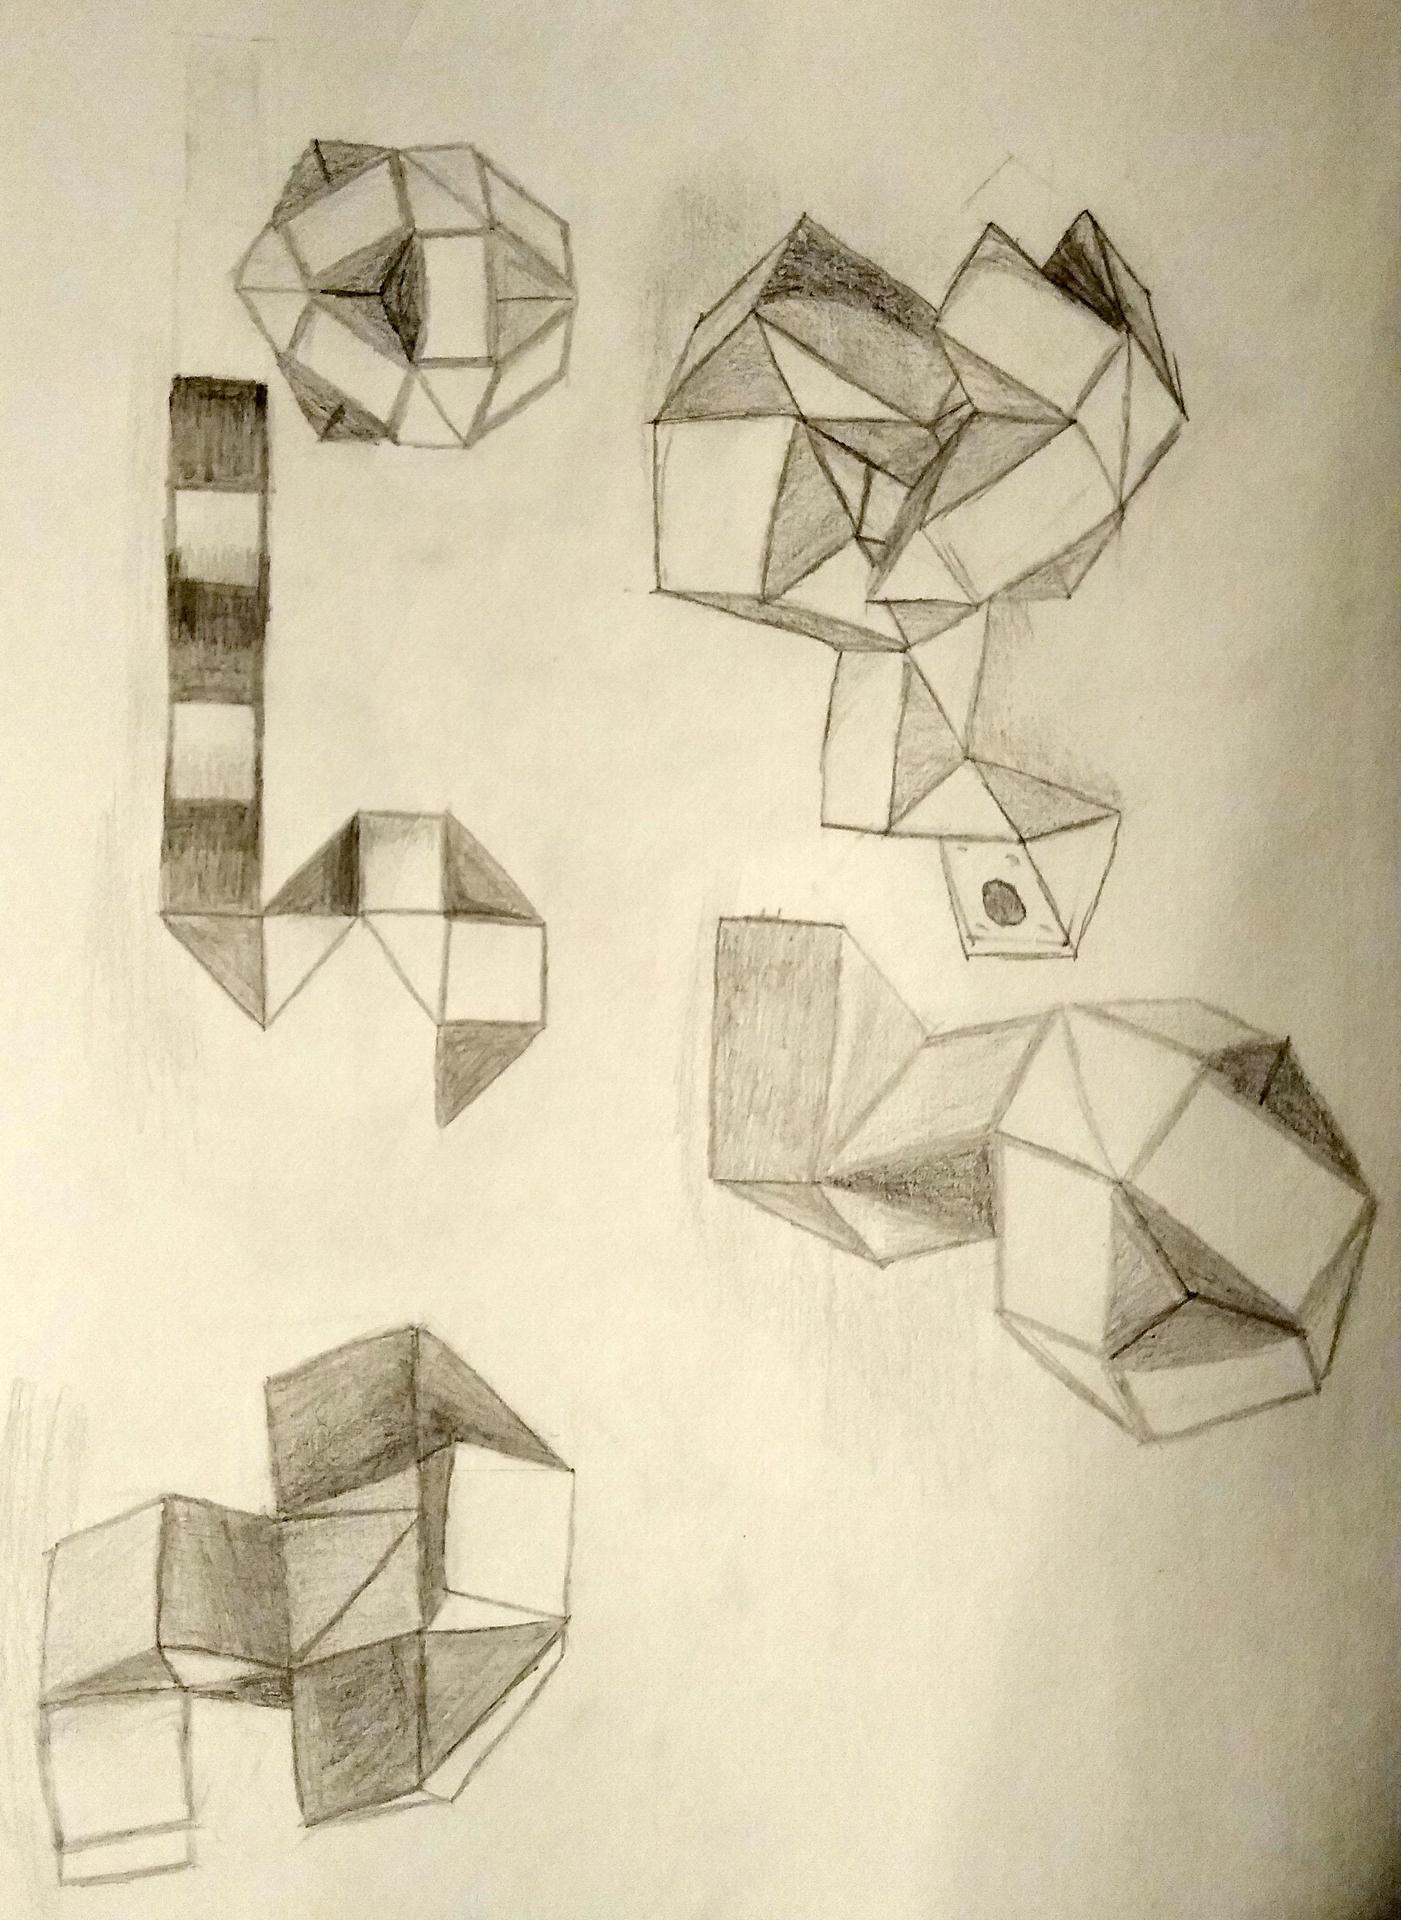 rubix cube drawing